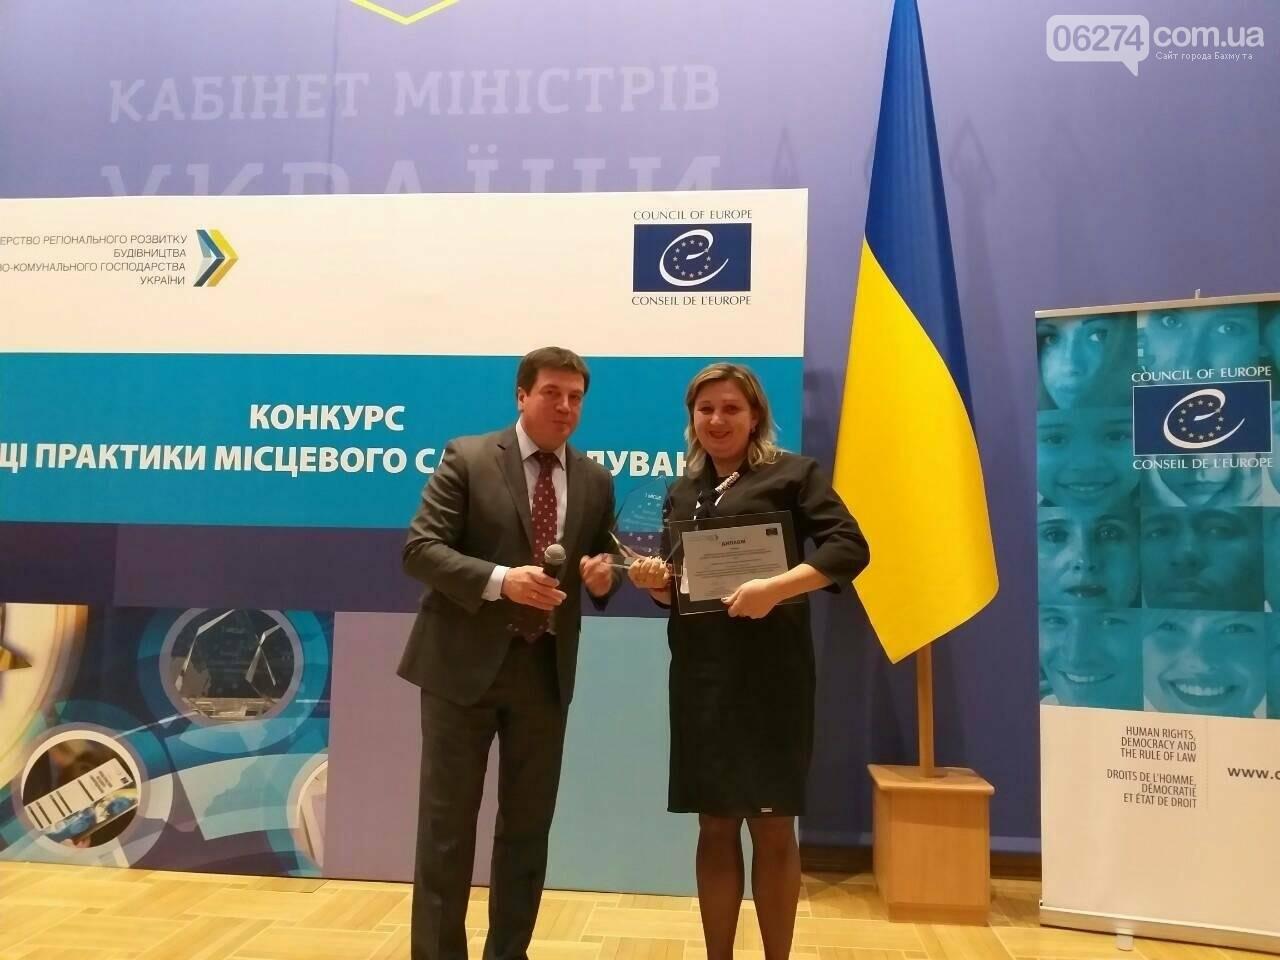 Психолог из Бахмута одержала победу на Всеукраинском конкурсе практик местного самоуправления, фото-1